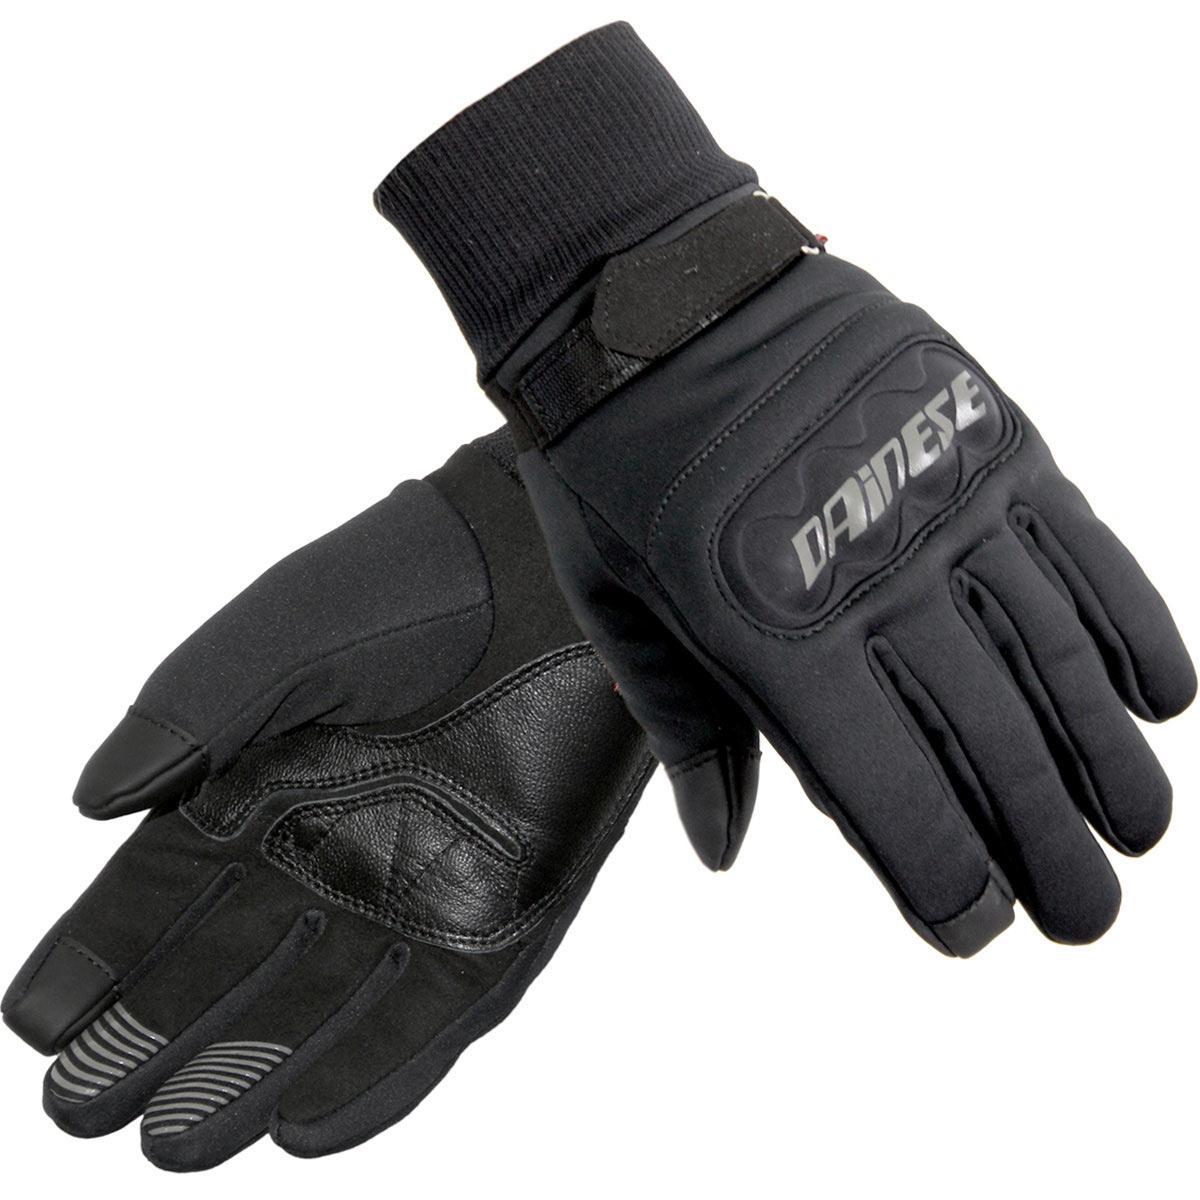 Dainese Anemos Windstopper Handschuhe schwarz